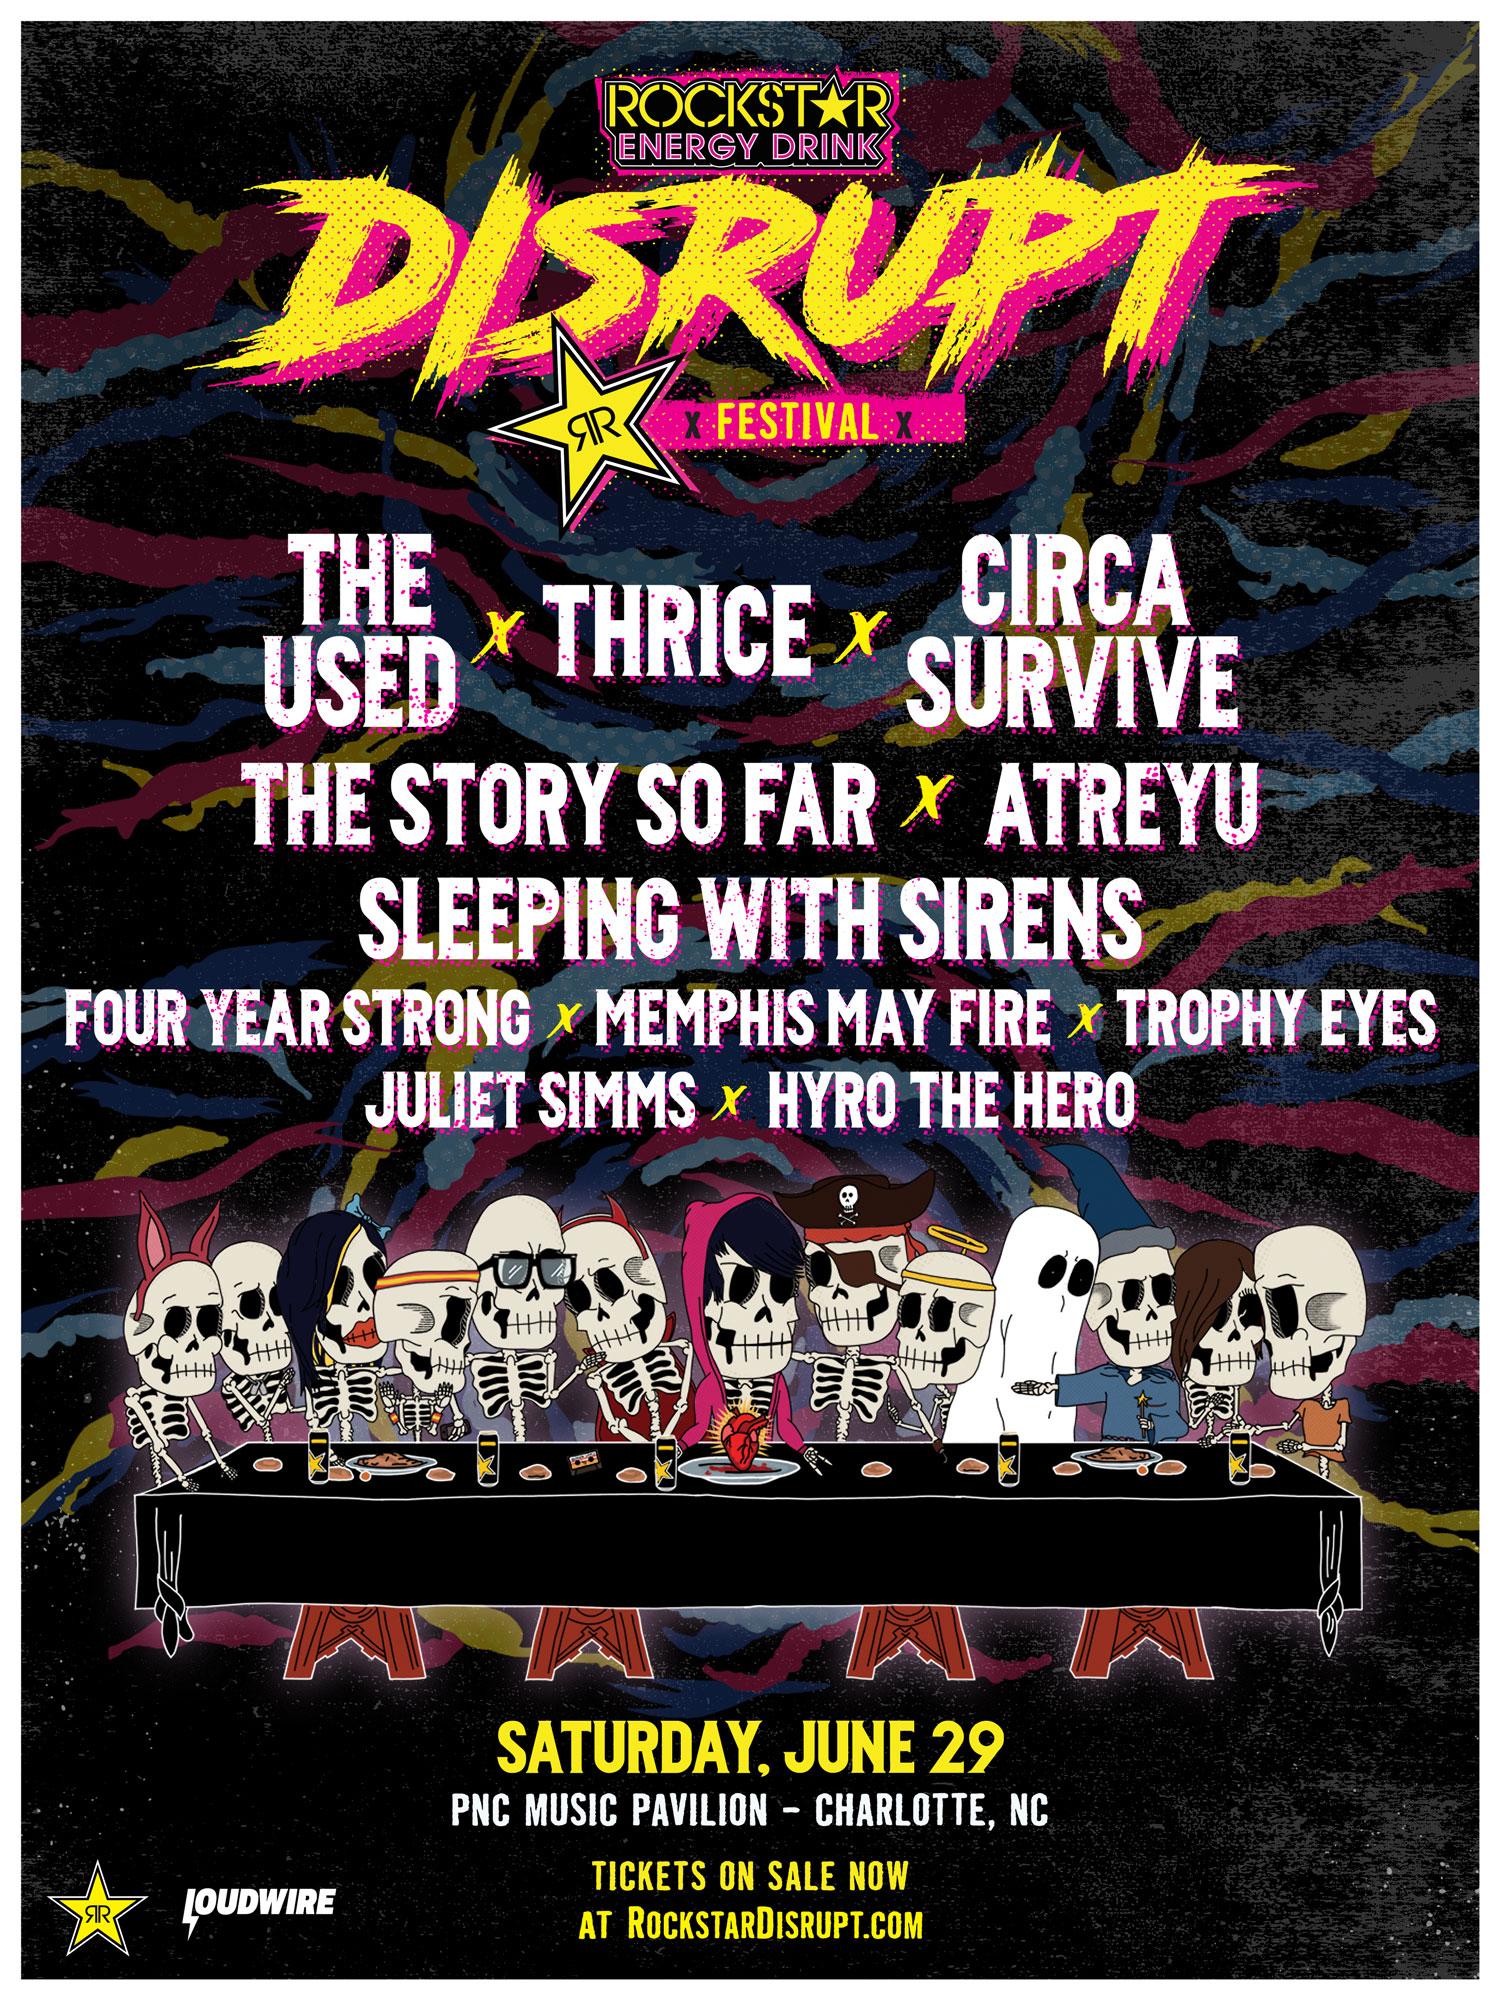 Rockstar-Disrupt-Festival-2019